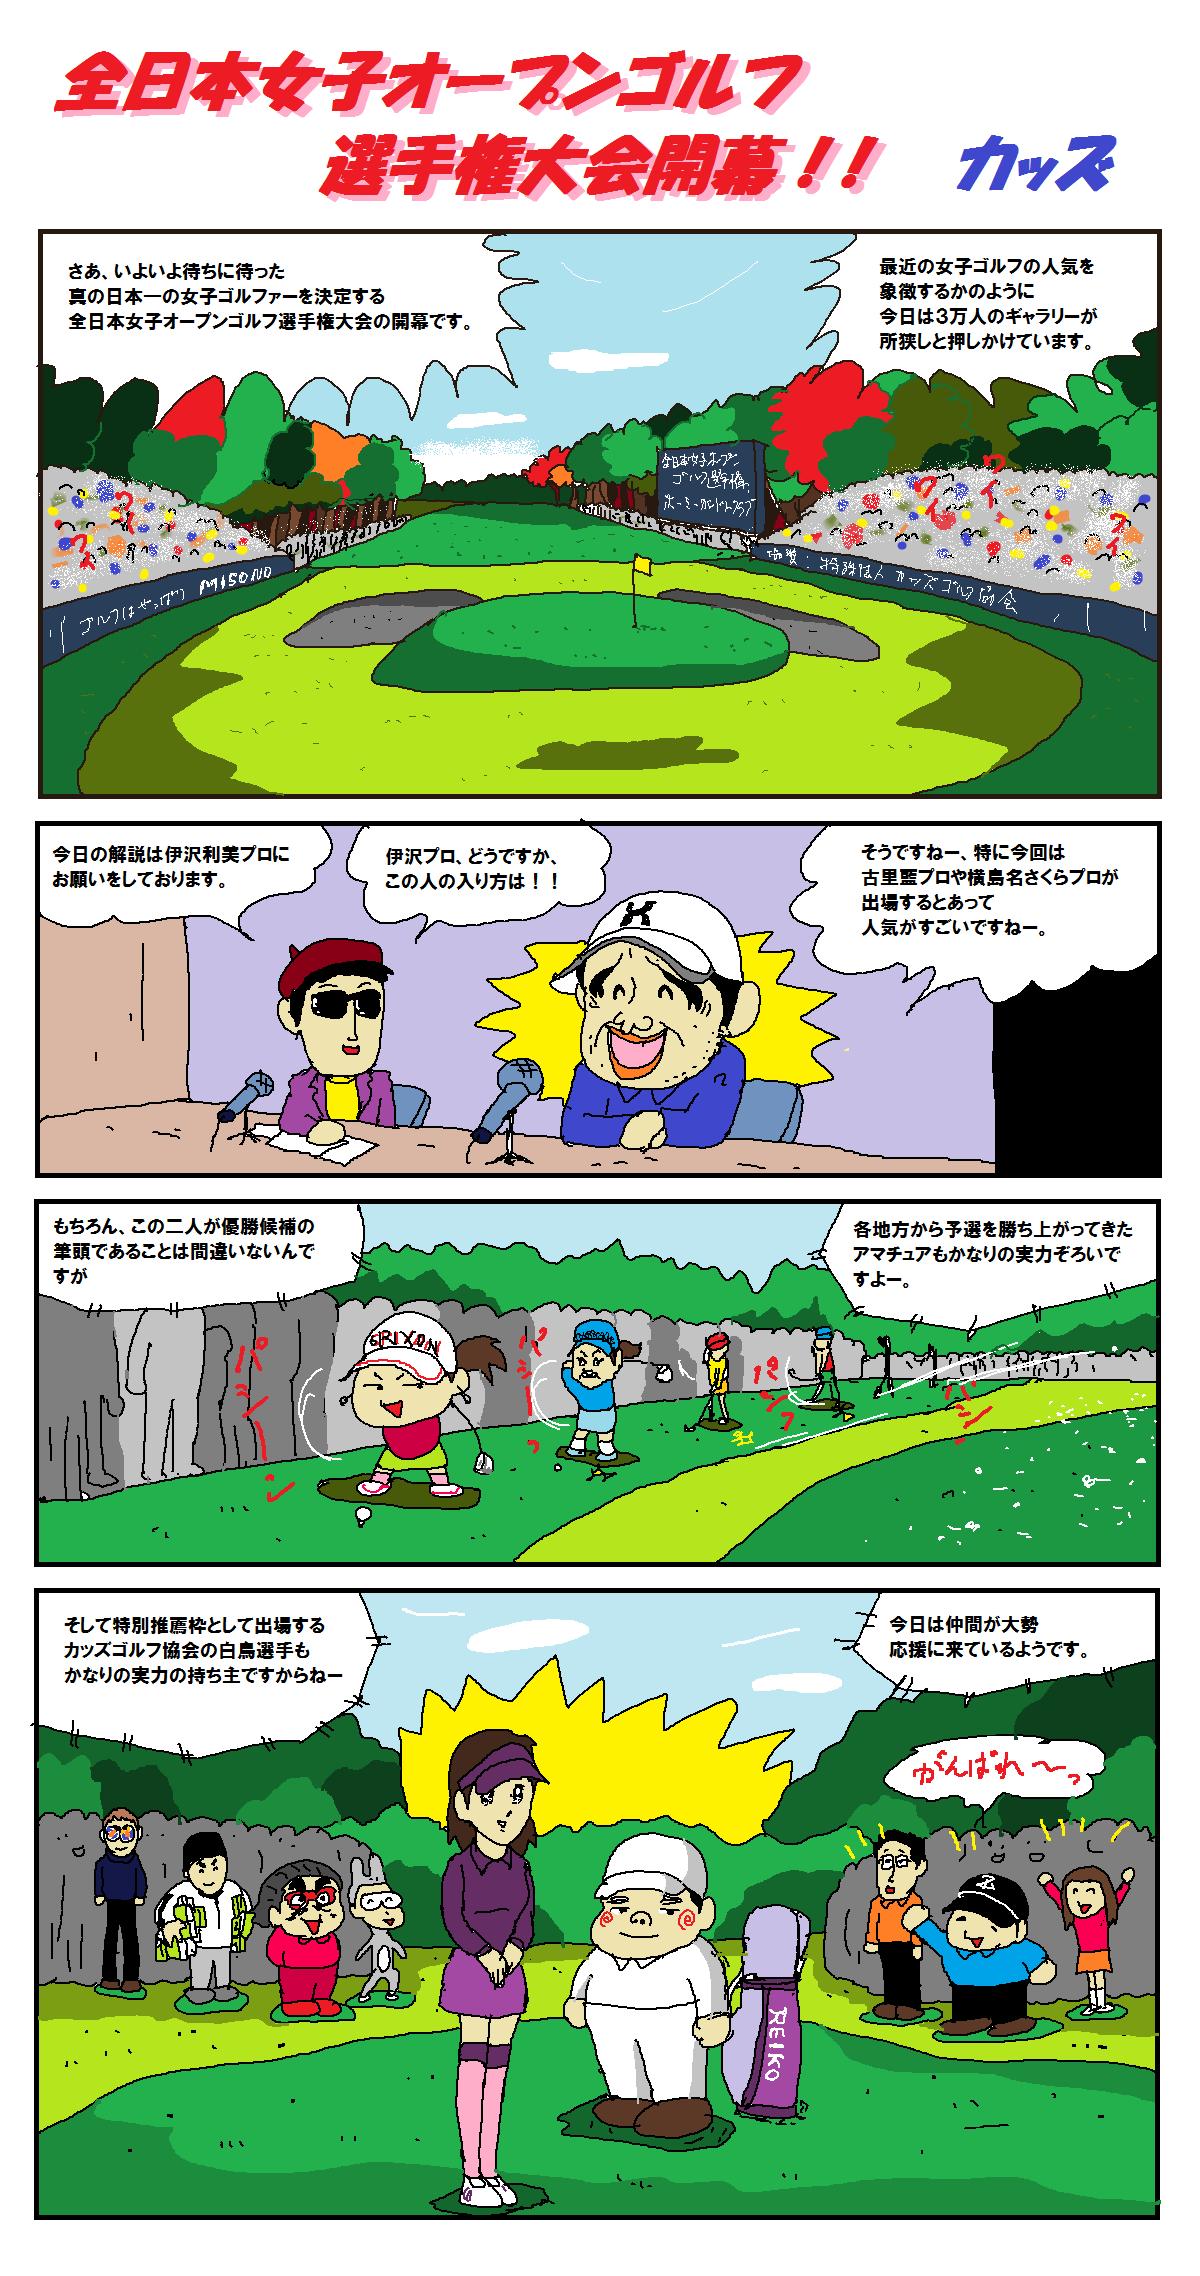 全日本女子オープンゴルフ選手権